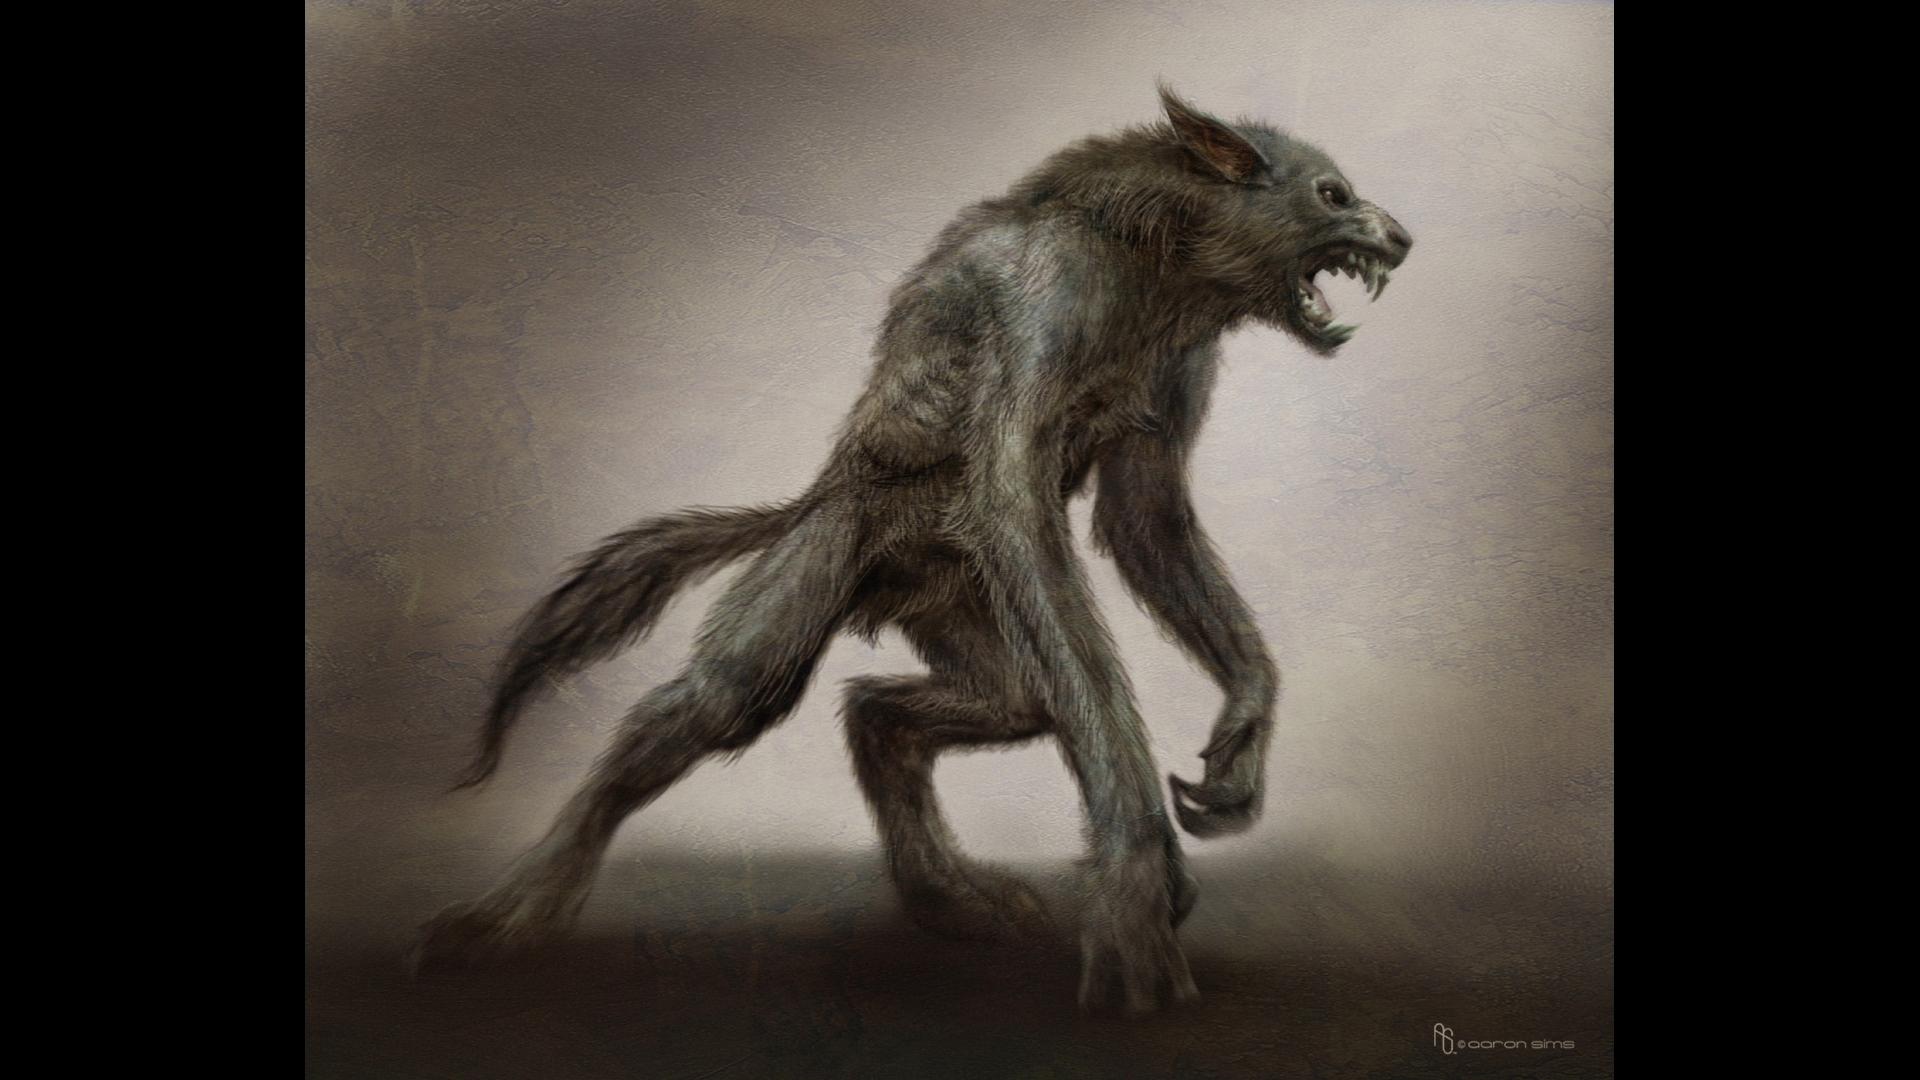 werewolf Wallpaper Background 21749 1920x1080